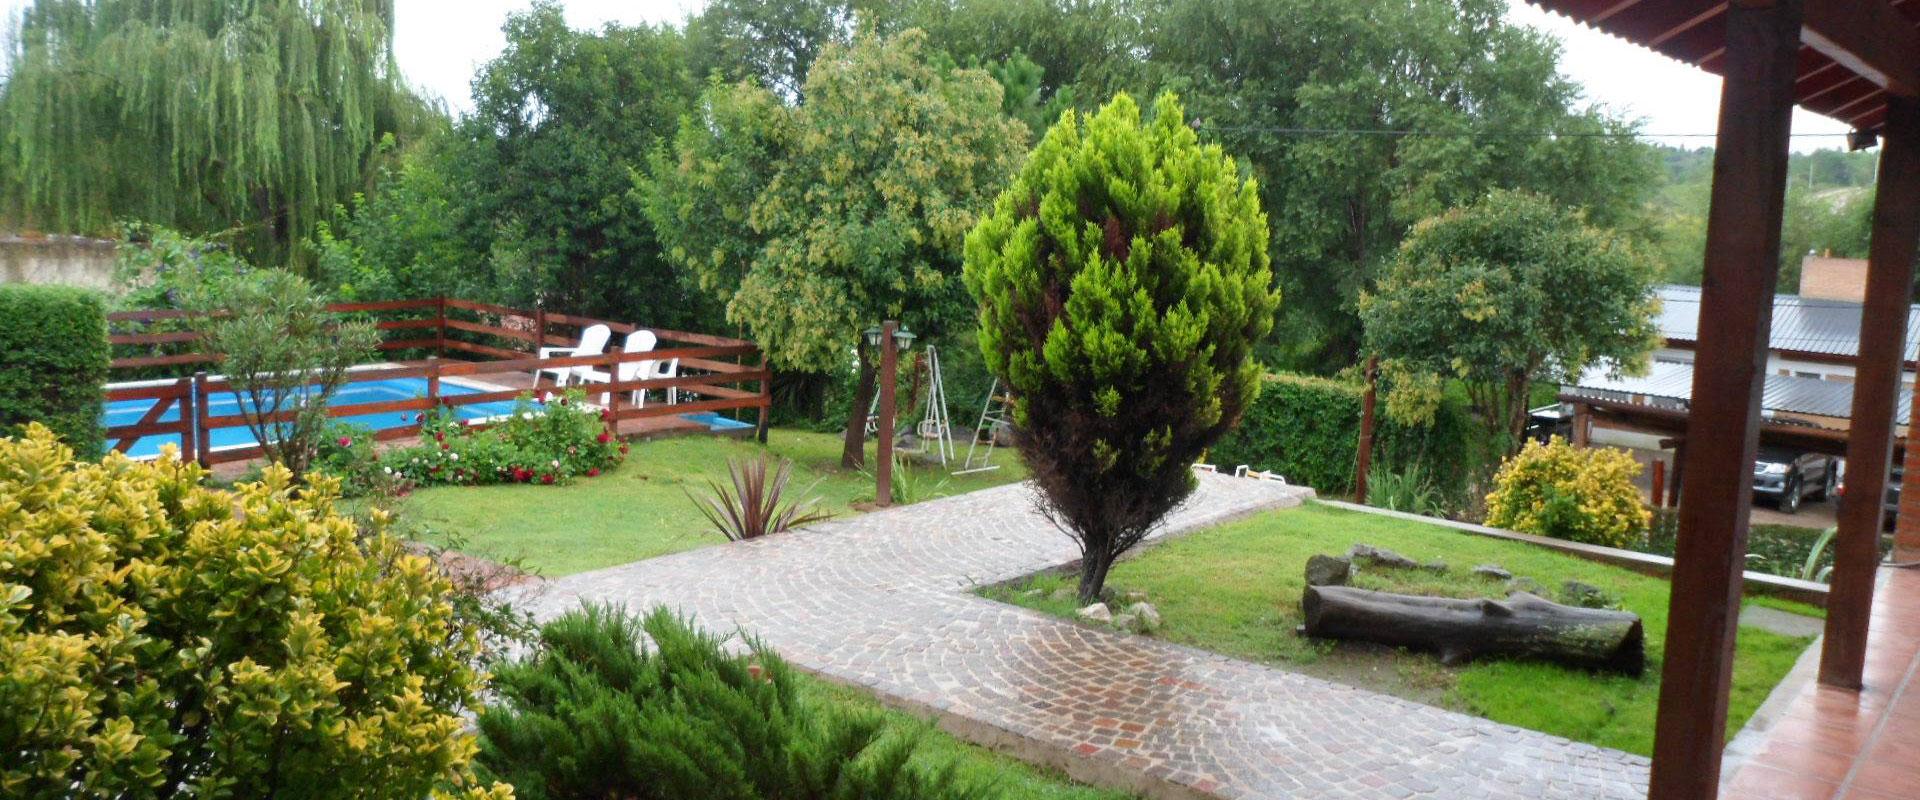 Parque Posada Emanuel-1